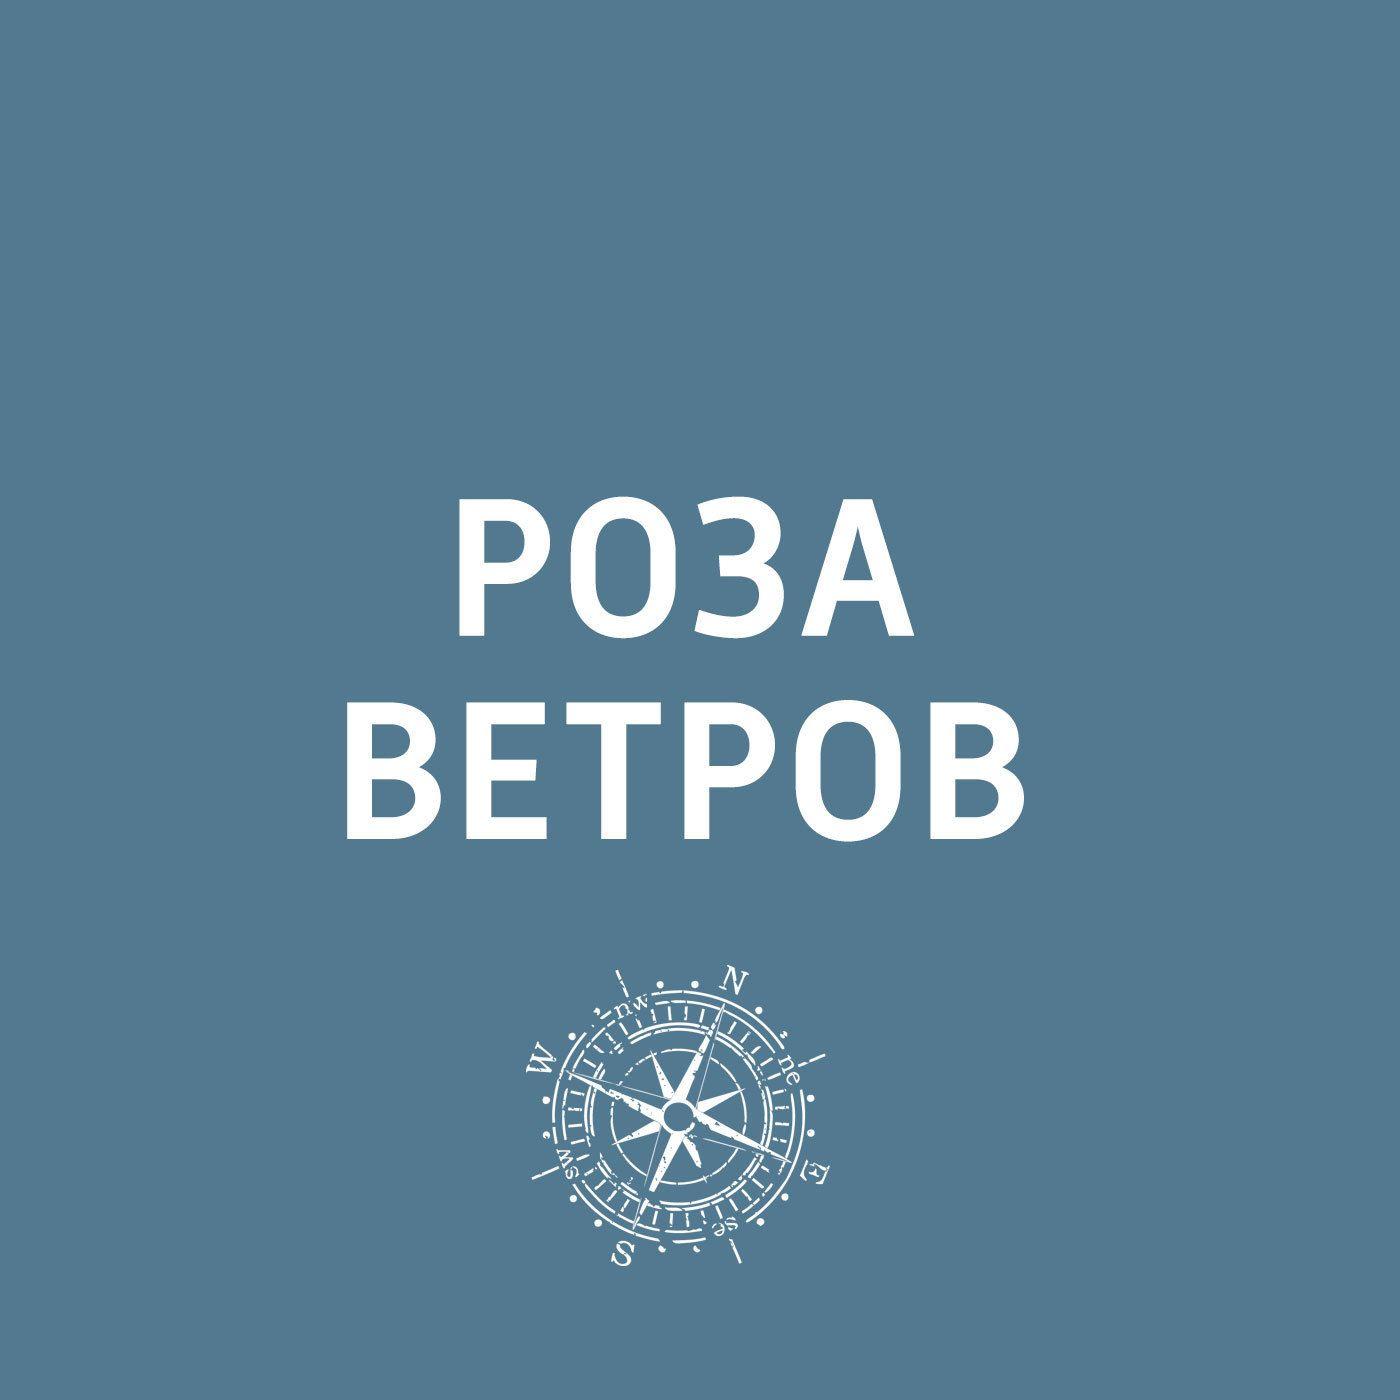 Творческий коллектив шоу «Уральские самоцветы» Акцент россиян занял 34 место из 50 по степени привлекательности для противоположного пола ворота на красную площадь